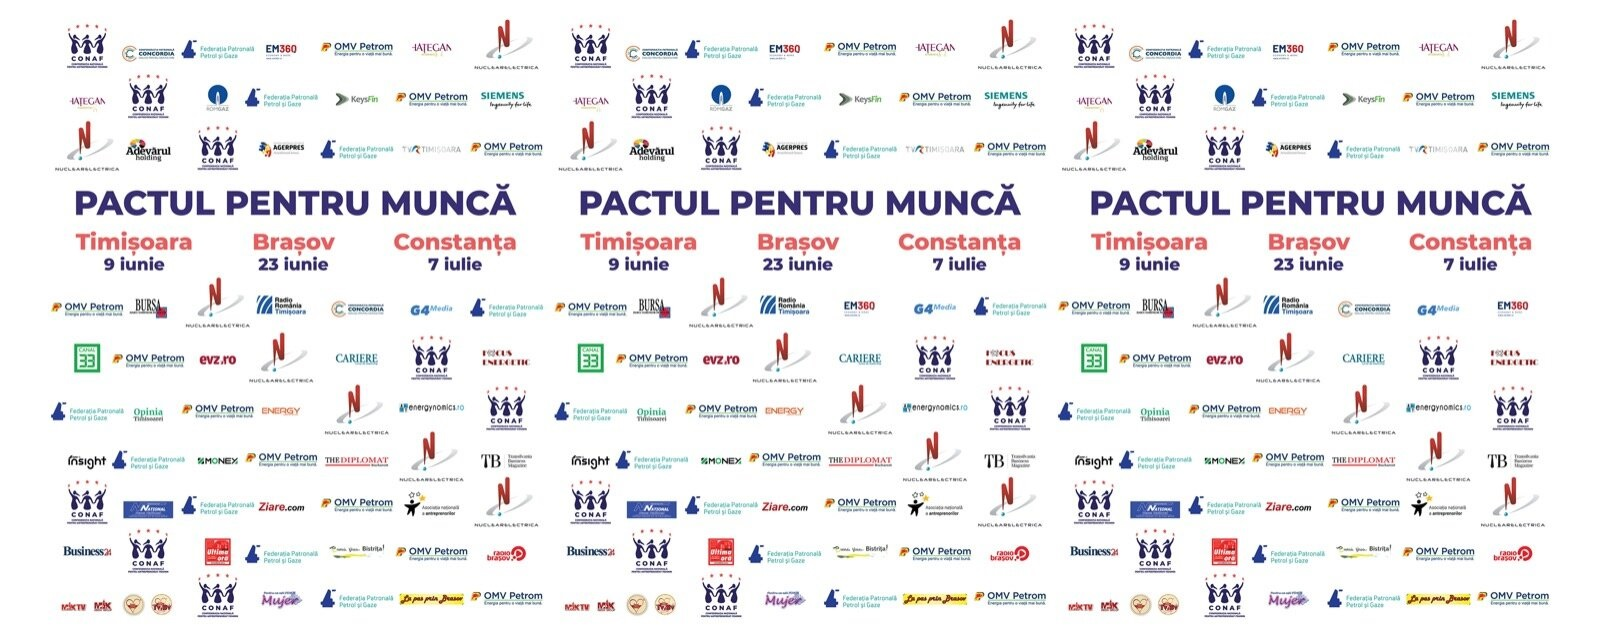 pactul pentru munca 2021